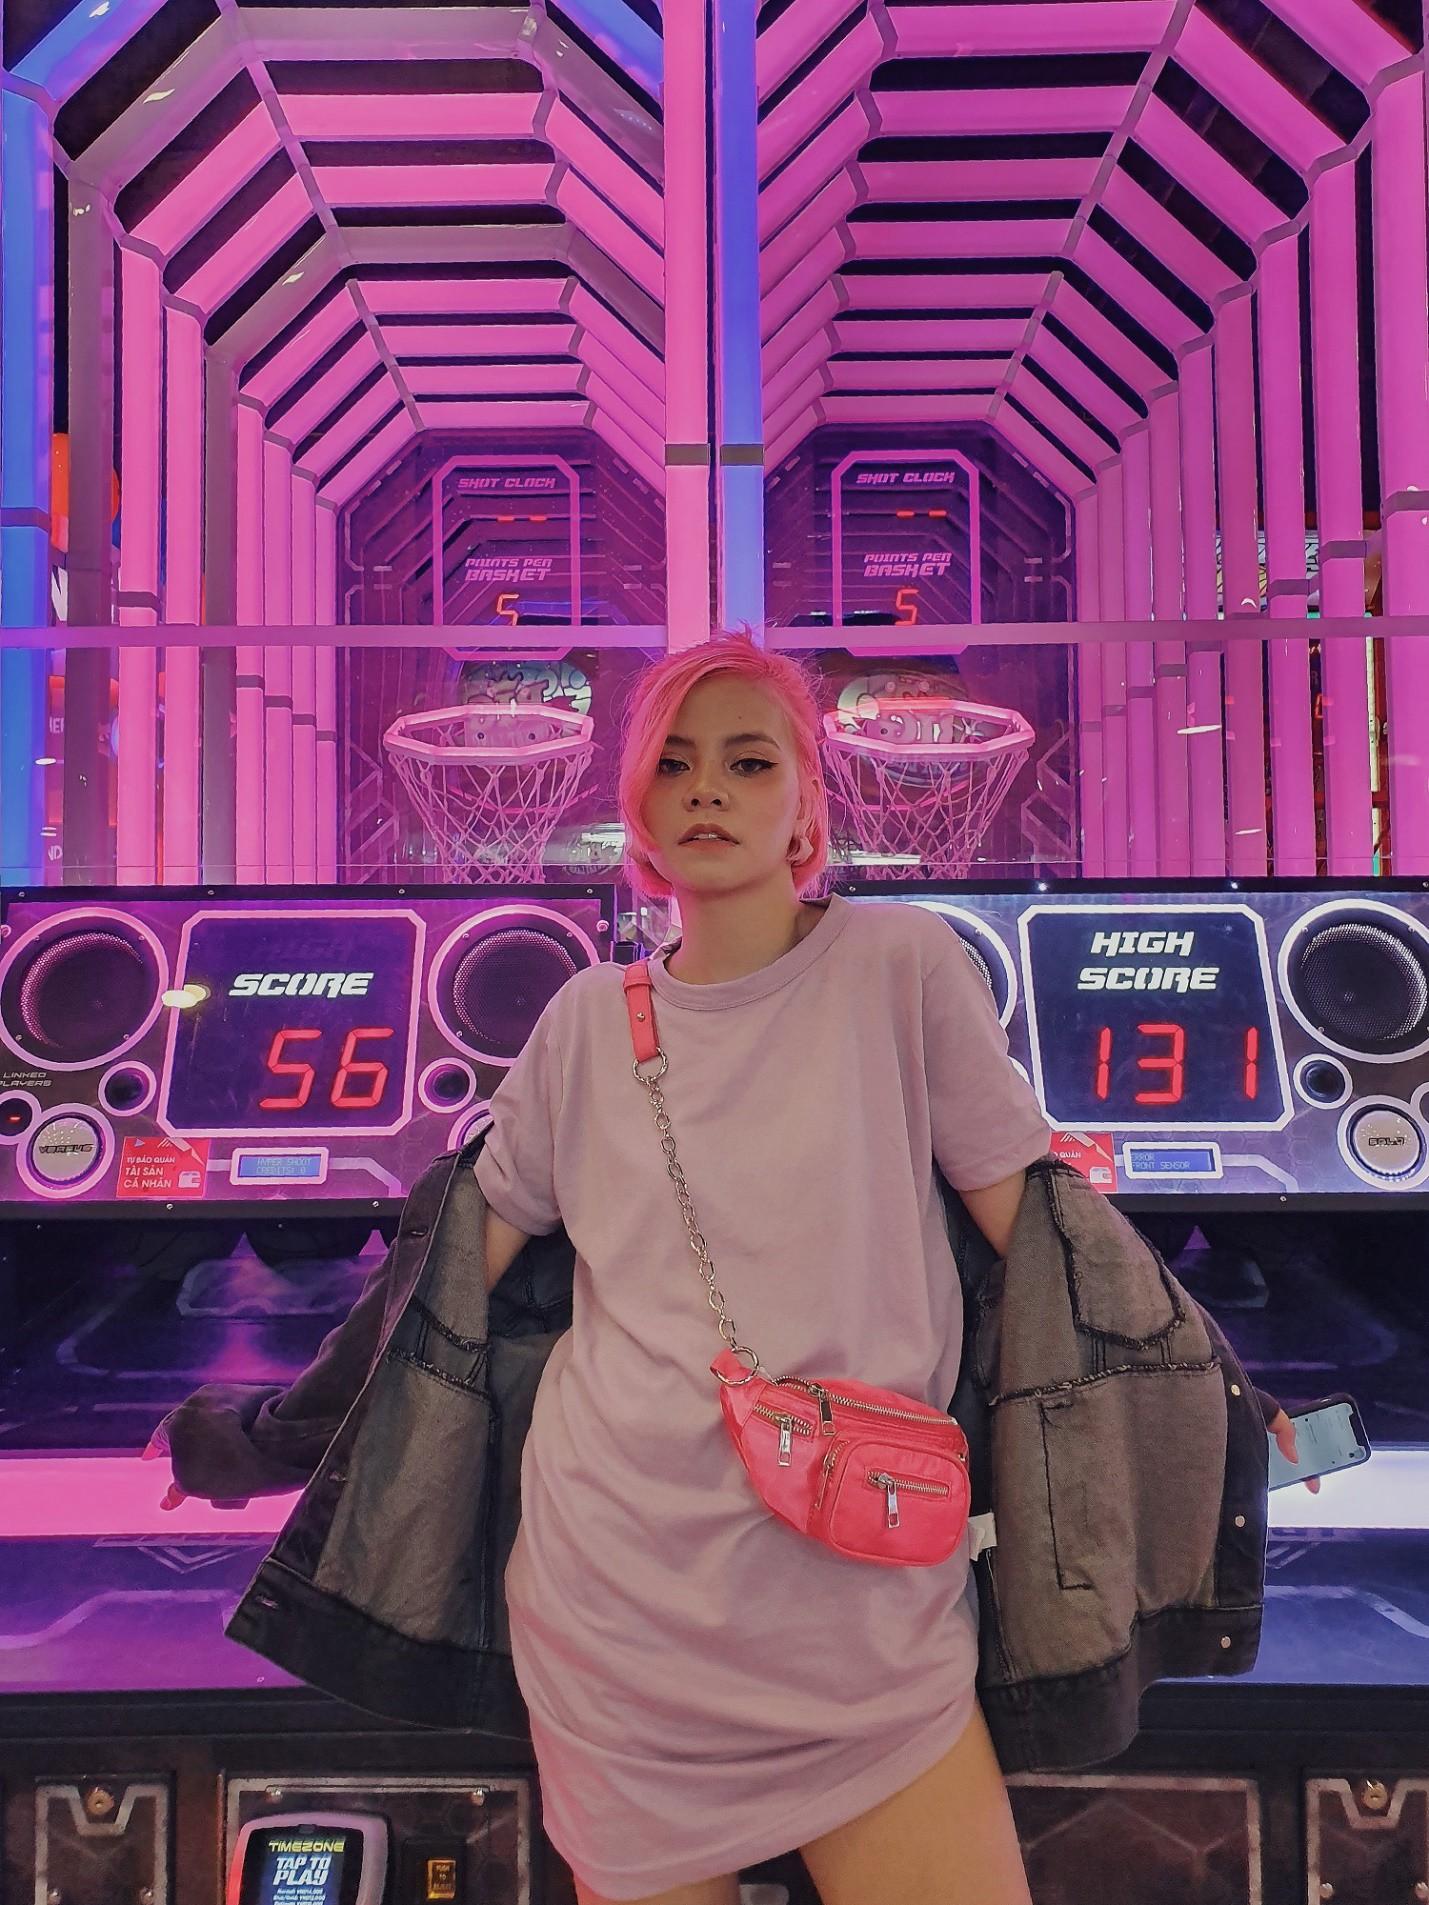 MISSGUIDED – Làn sóng mới dành cho giới trẻ yêu thời trang và thích phá cách - Ảnh 5.